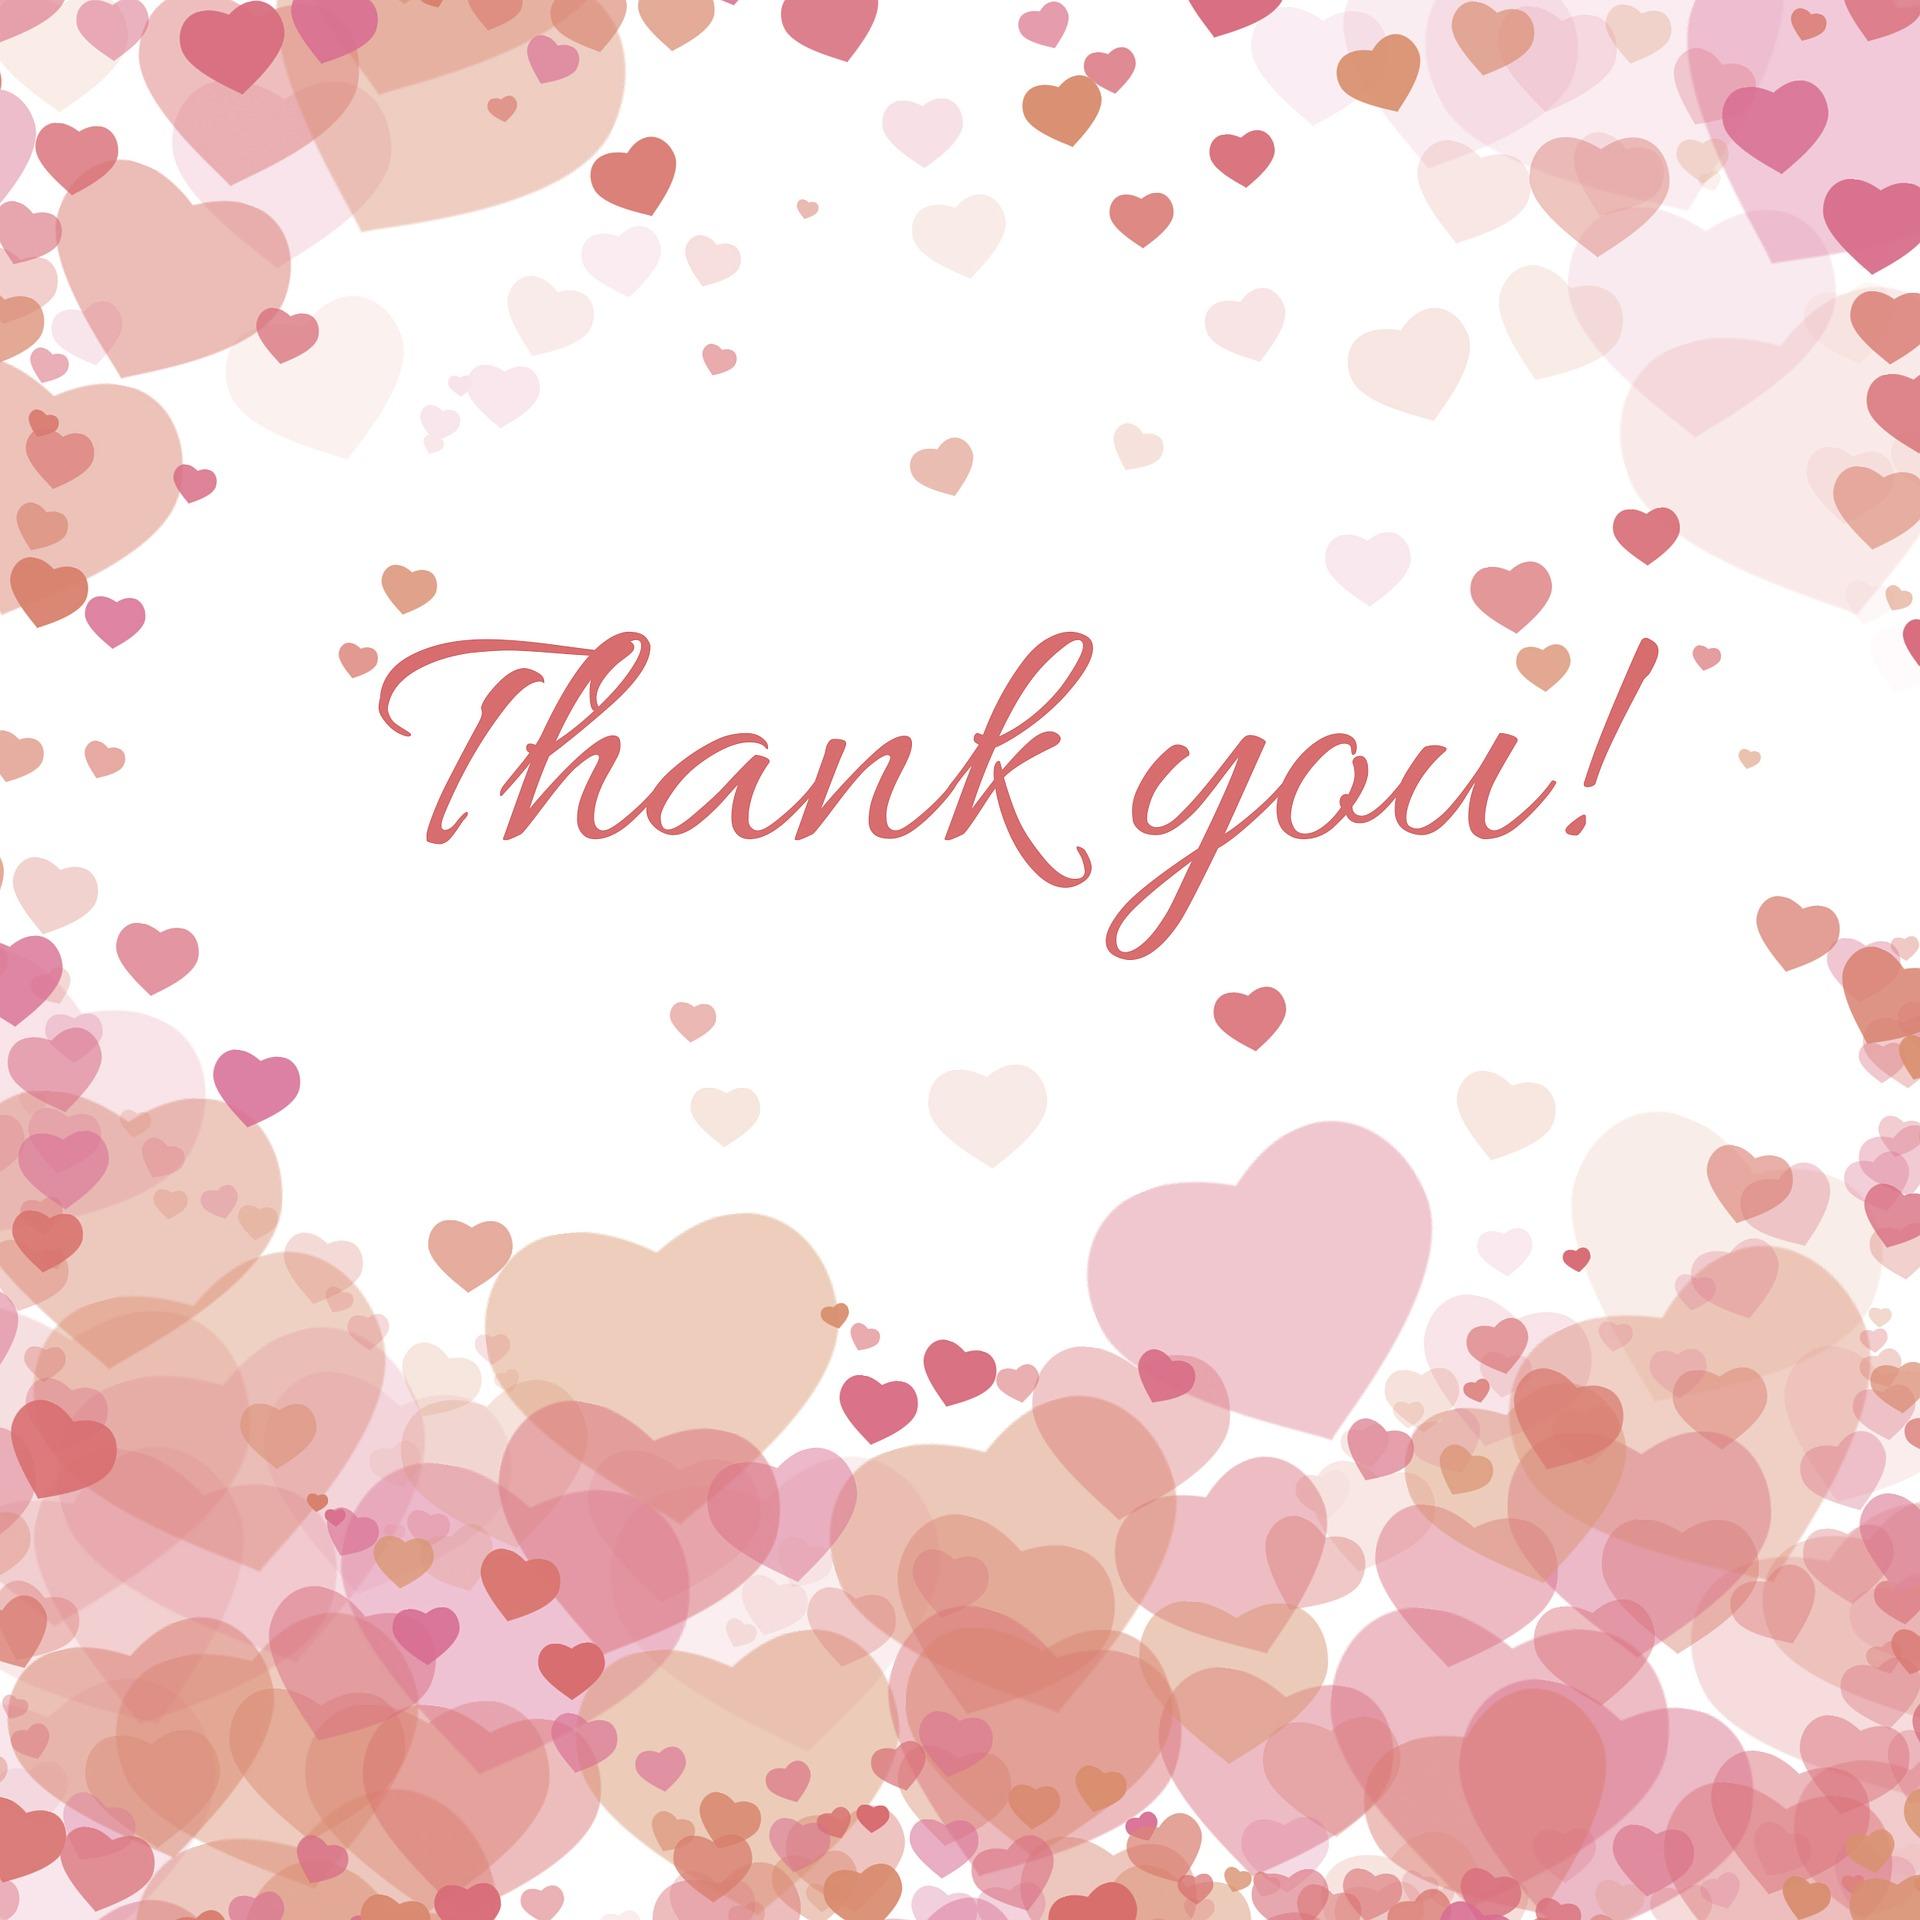 Einfach Mal Danke Sagen Blog Geschenkideech